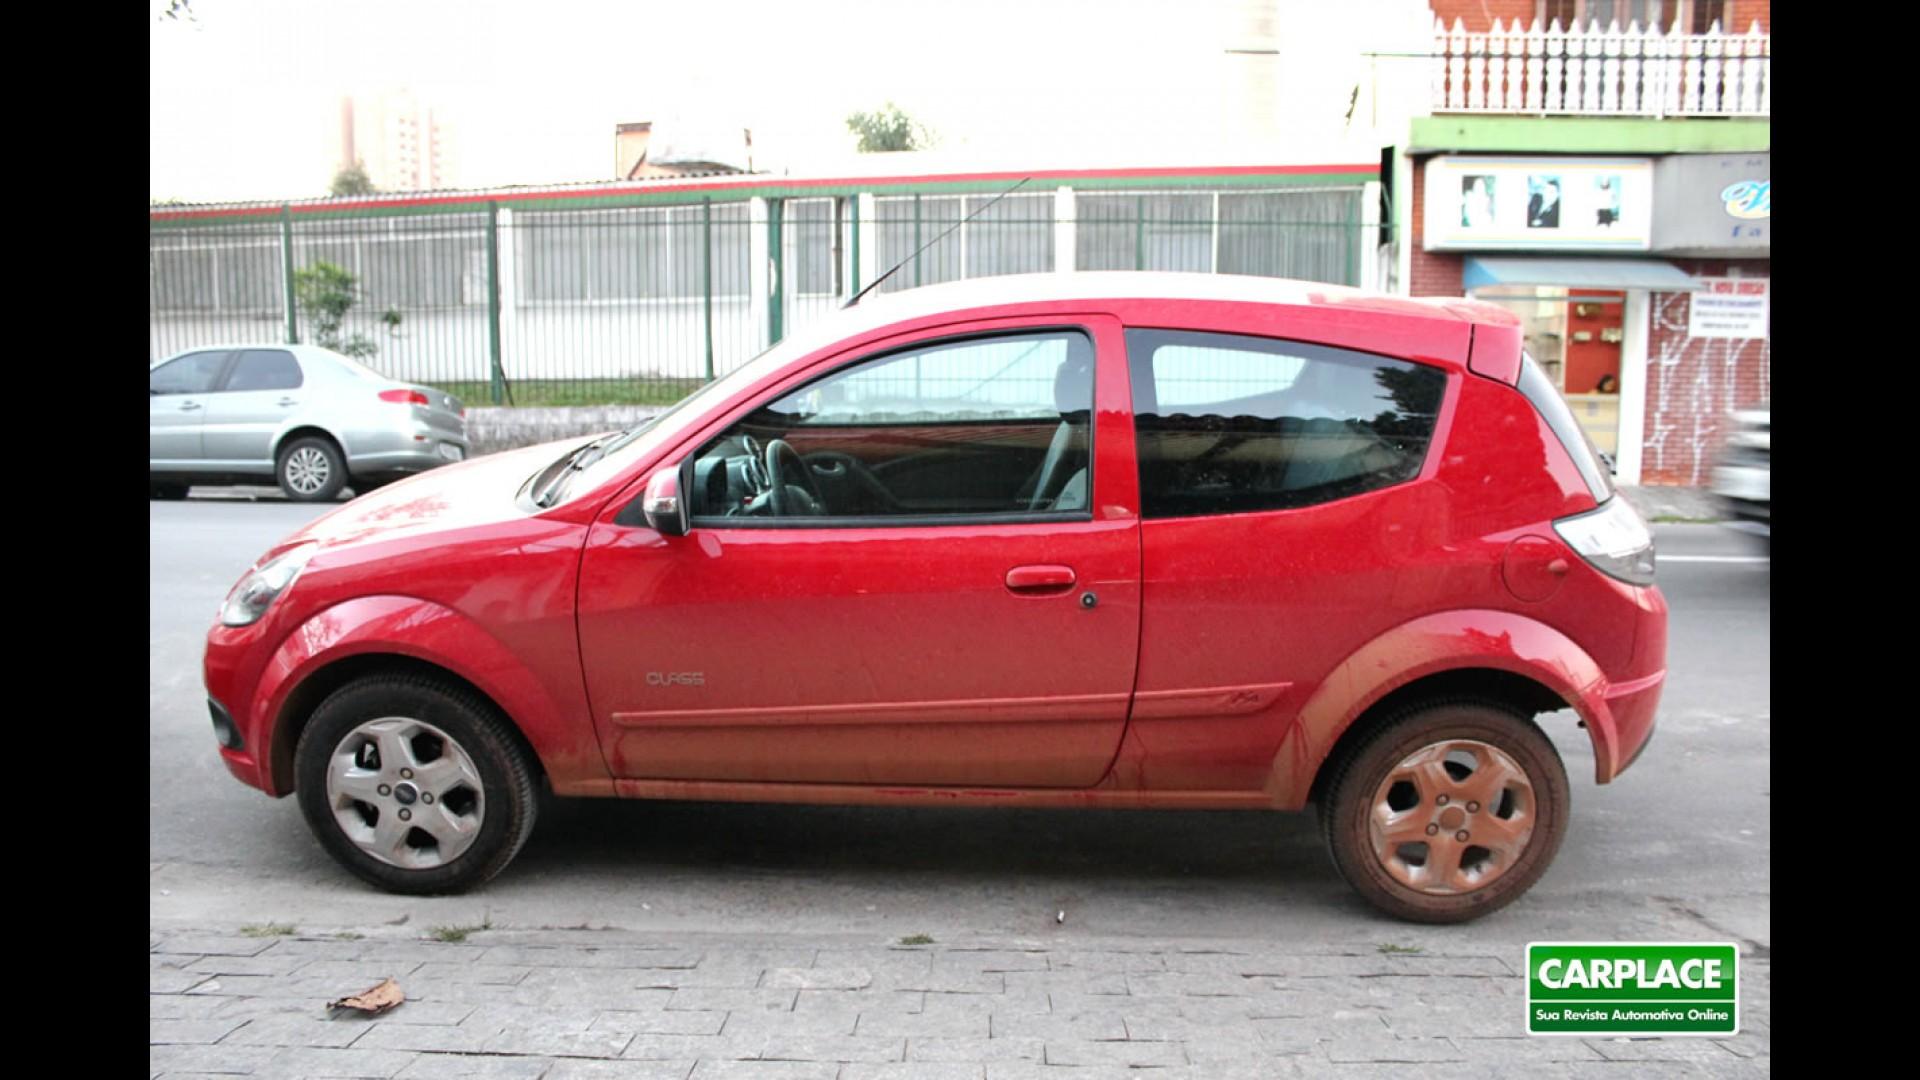 Garagem Carplace Consumo Do Ford Ka  E Comportamento Na Cidade E Na Estrada